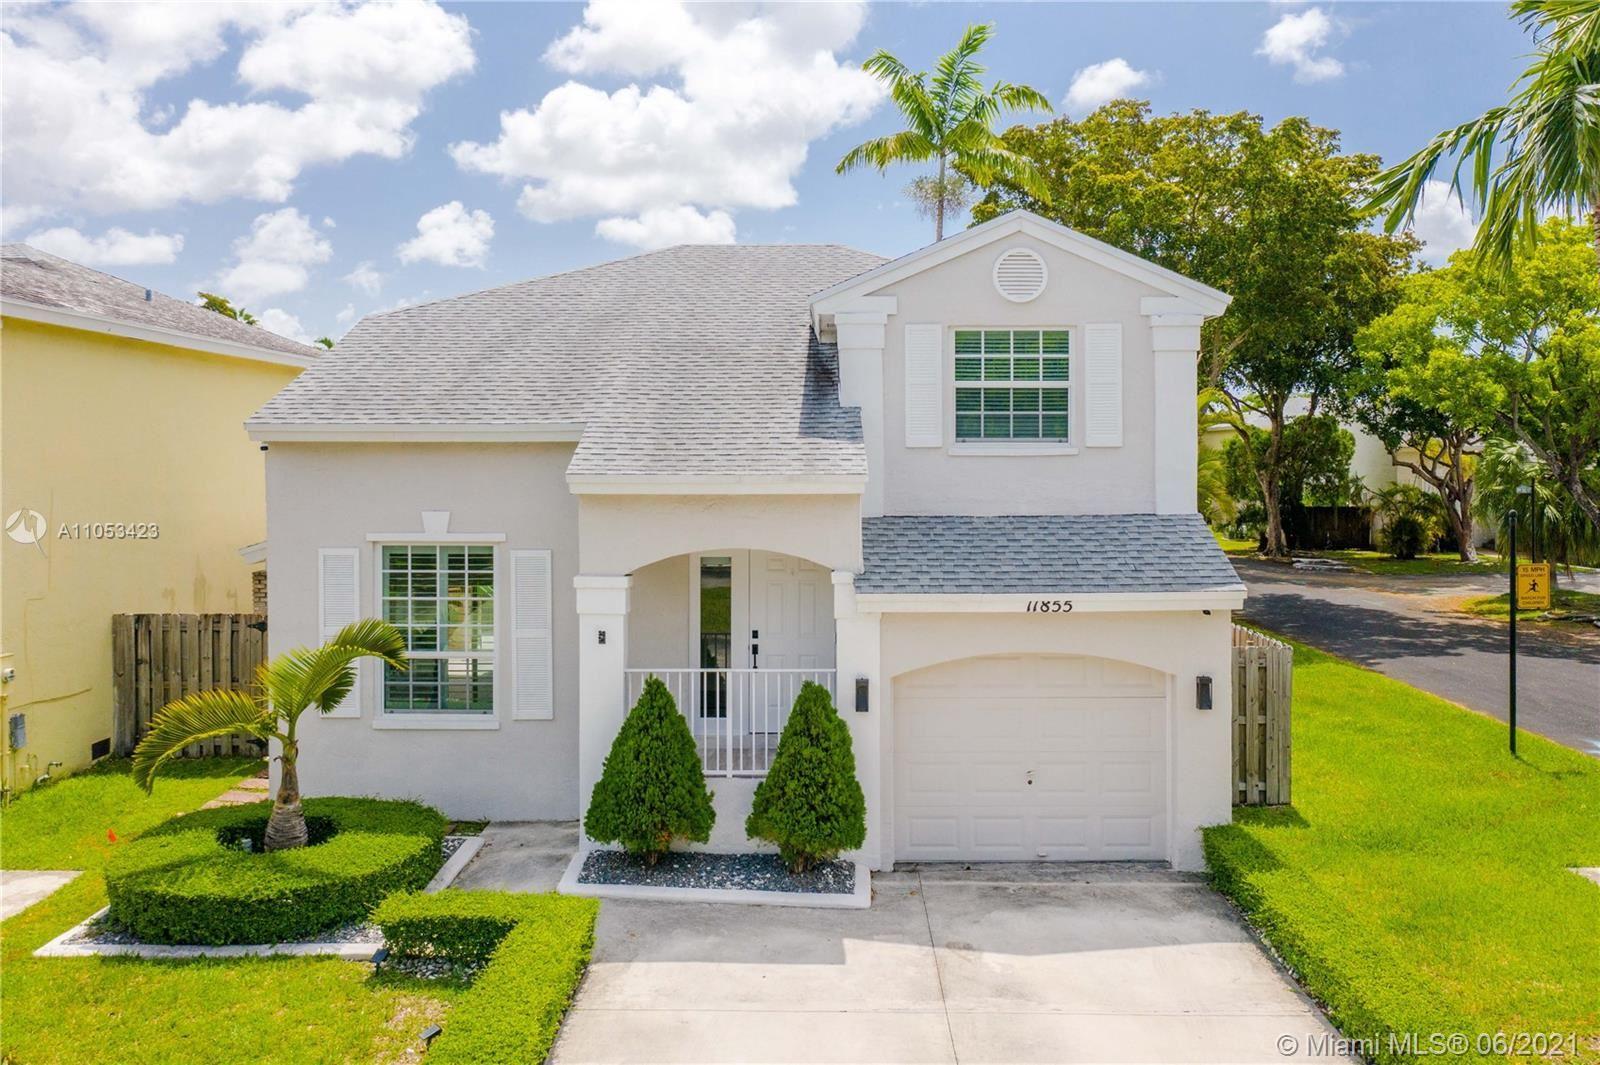 11855 SW 102nd St, Miami, FL 33186 - #: A11053423